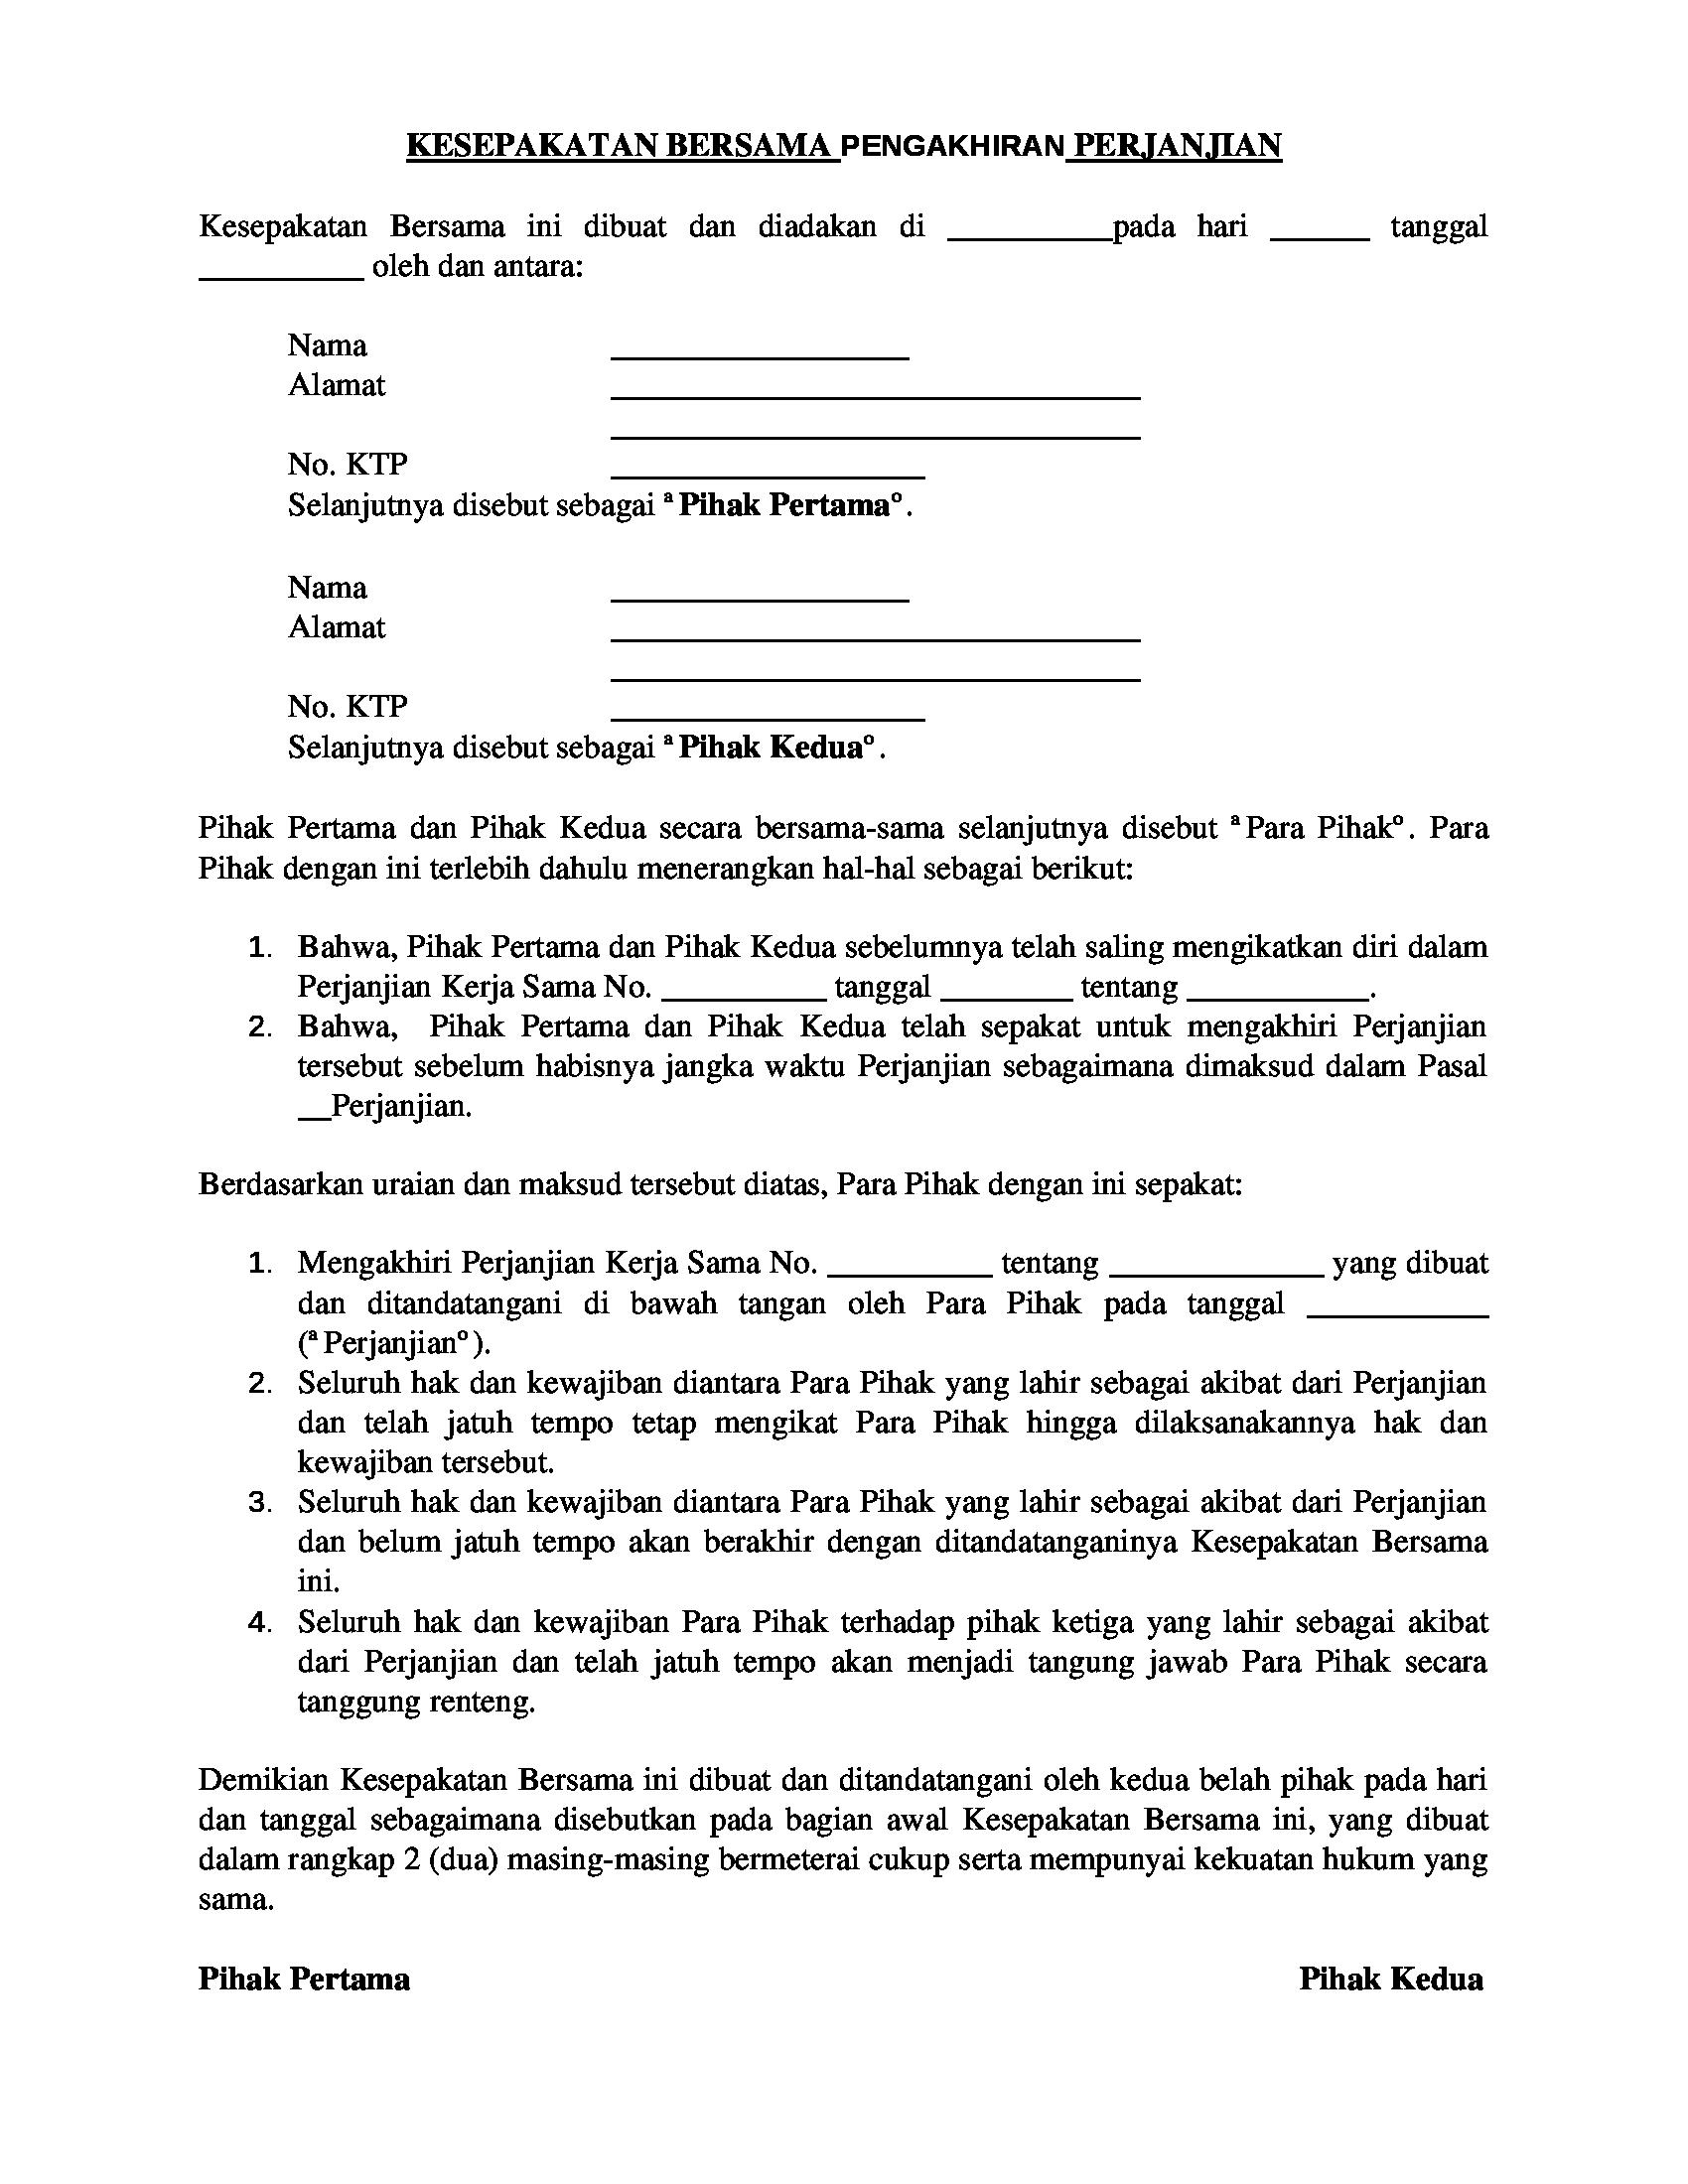 Surat Pemutusan Kerjasama : surat, pemutusan, kerjasama, Image, Result, Contoh, Surat, Pemutusan, Kerjasama, Secara, Sepihak, Surat,, Tanggal